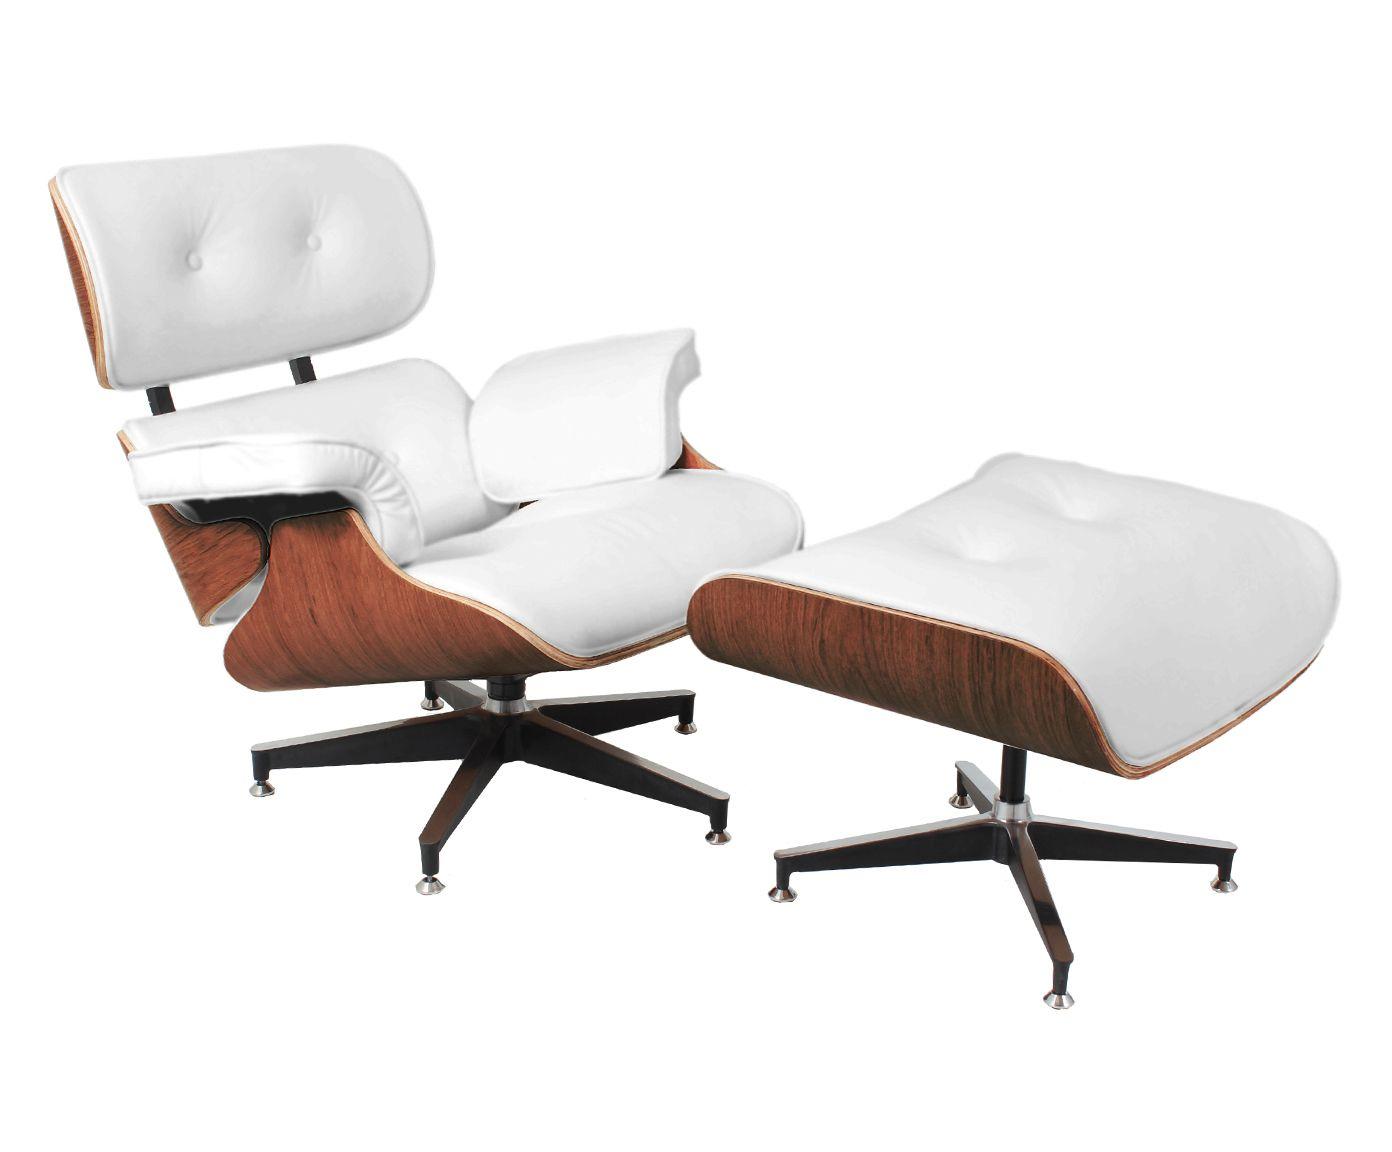 Poltrona com Pufe em Couro Ecológico Lounge Chair - Branca e Jacarandá | Westwing.com.br